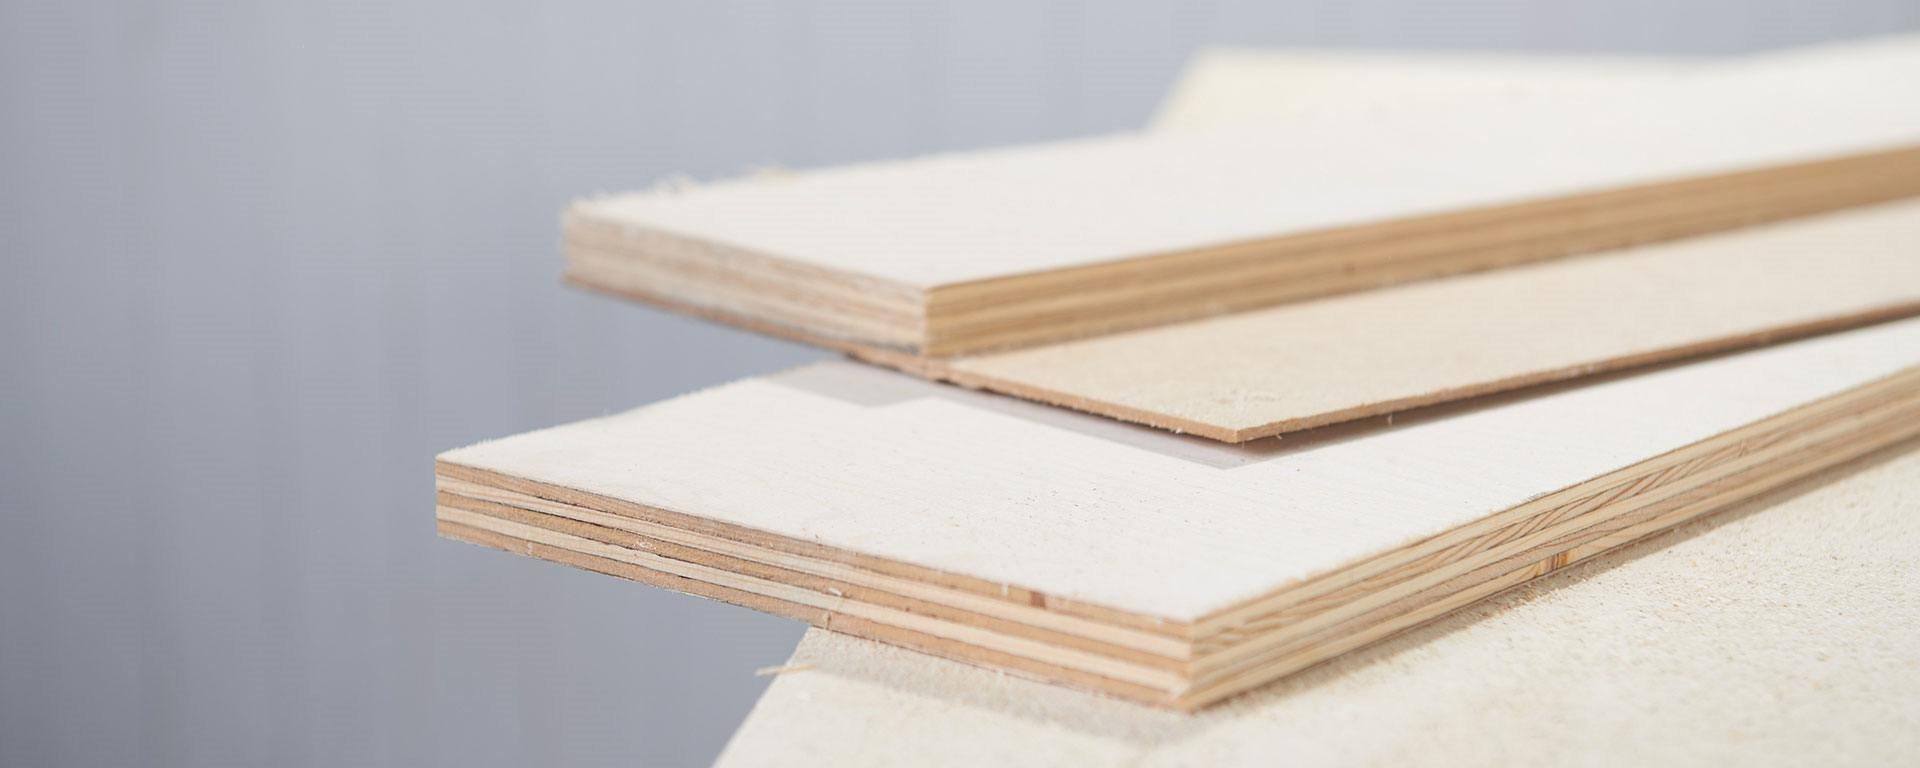 How to make a saw guide - Ancienne poignee de porte ...